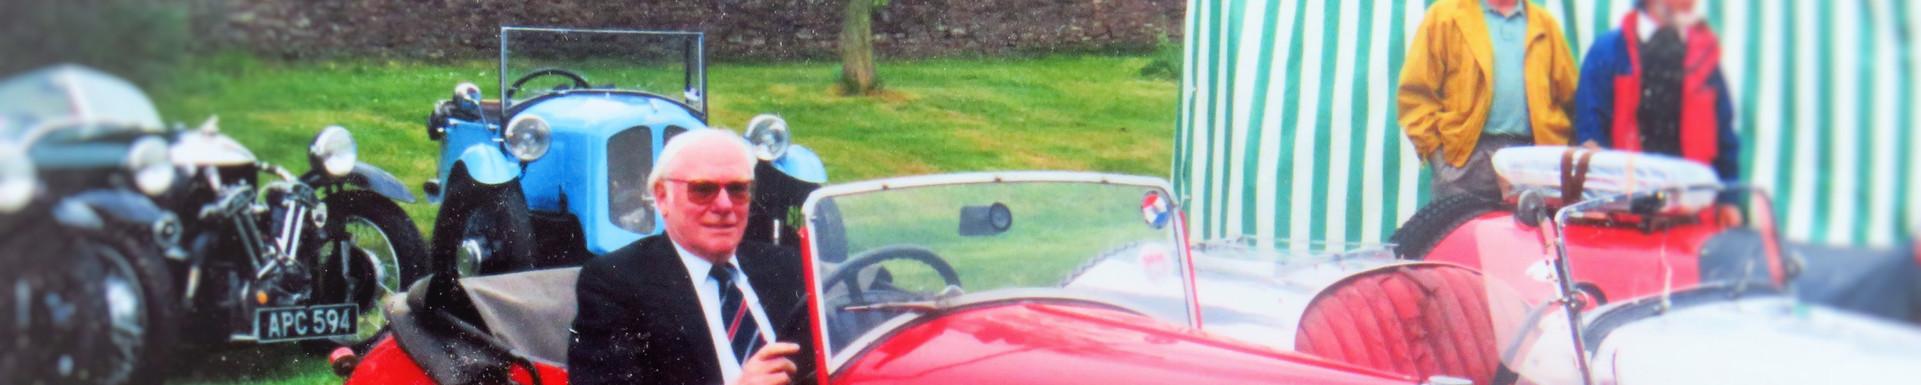 Peter morgan at the 75th 3-wheeler meet at Stoke Lacy